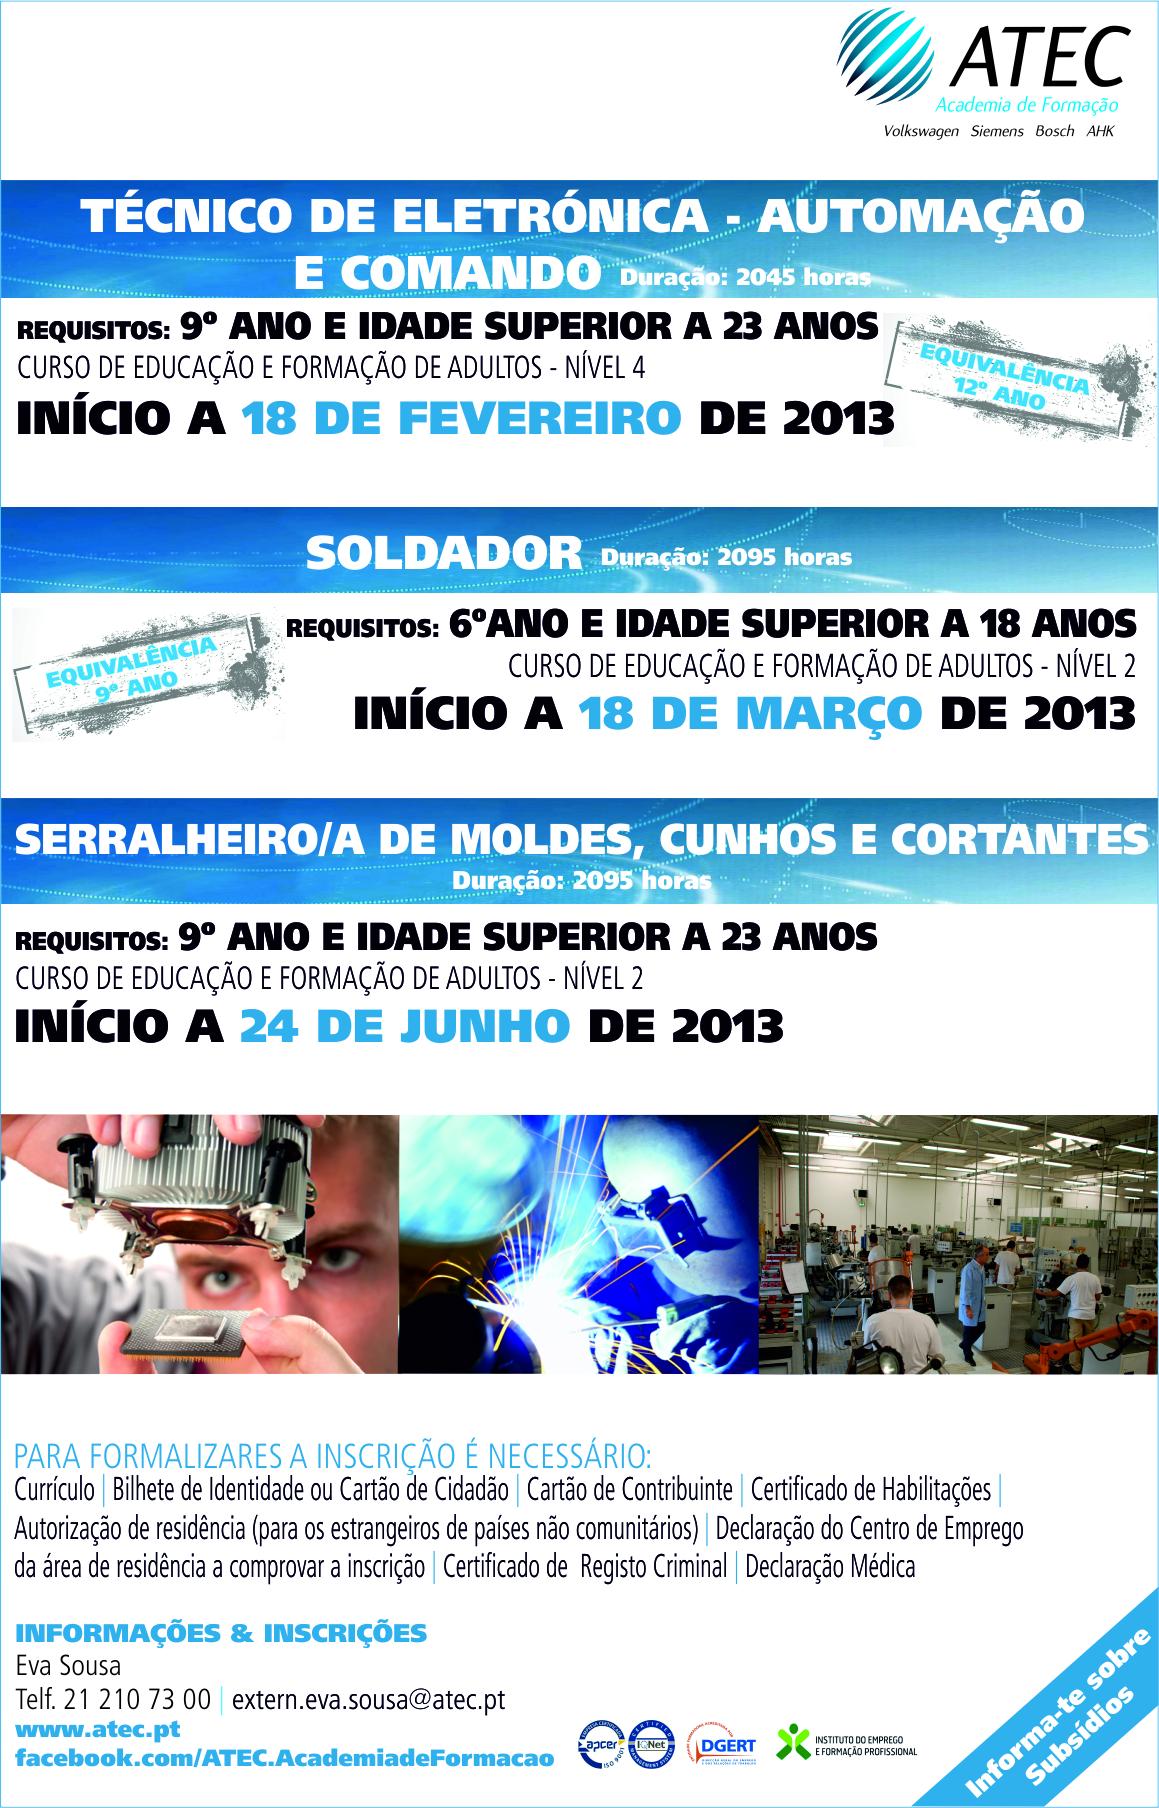 PUB ATECPalmela fev13